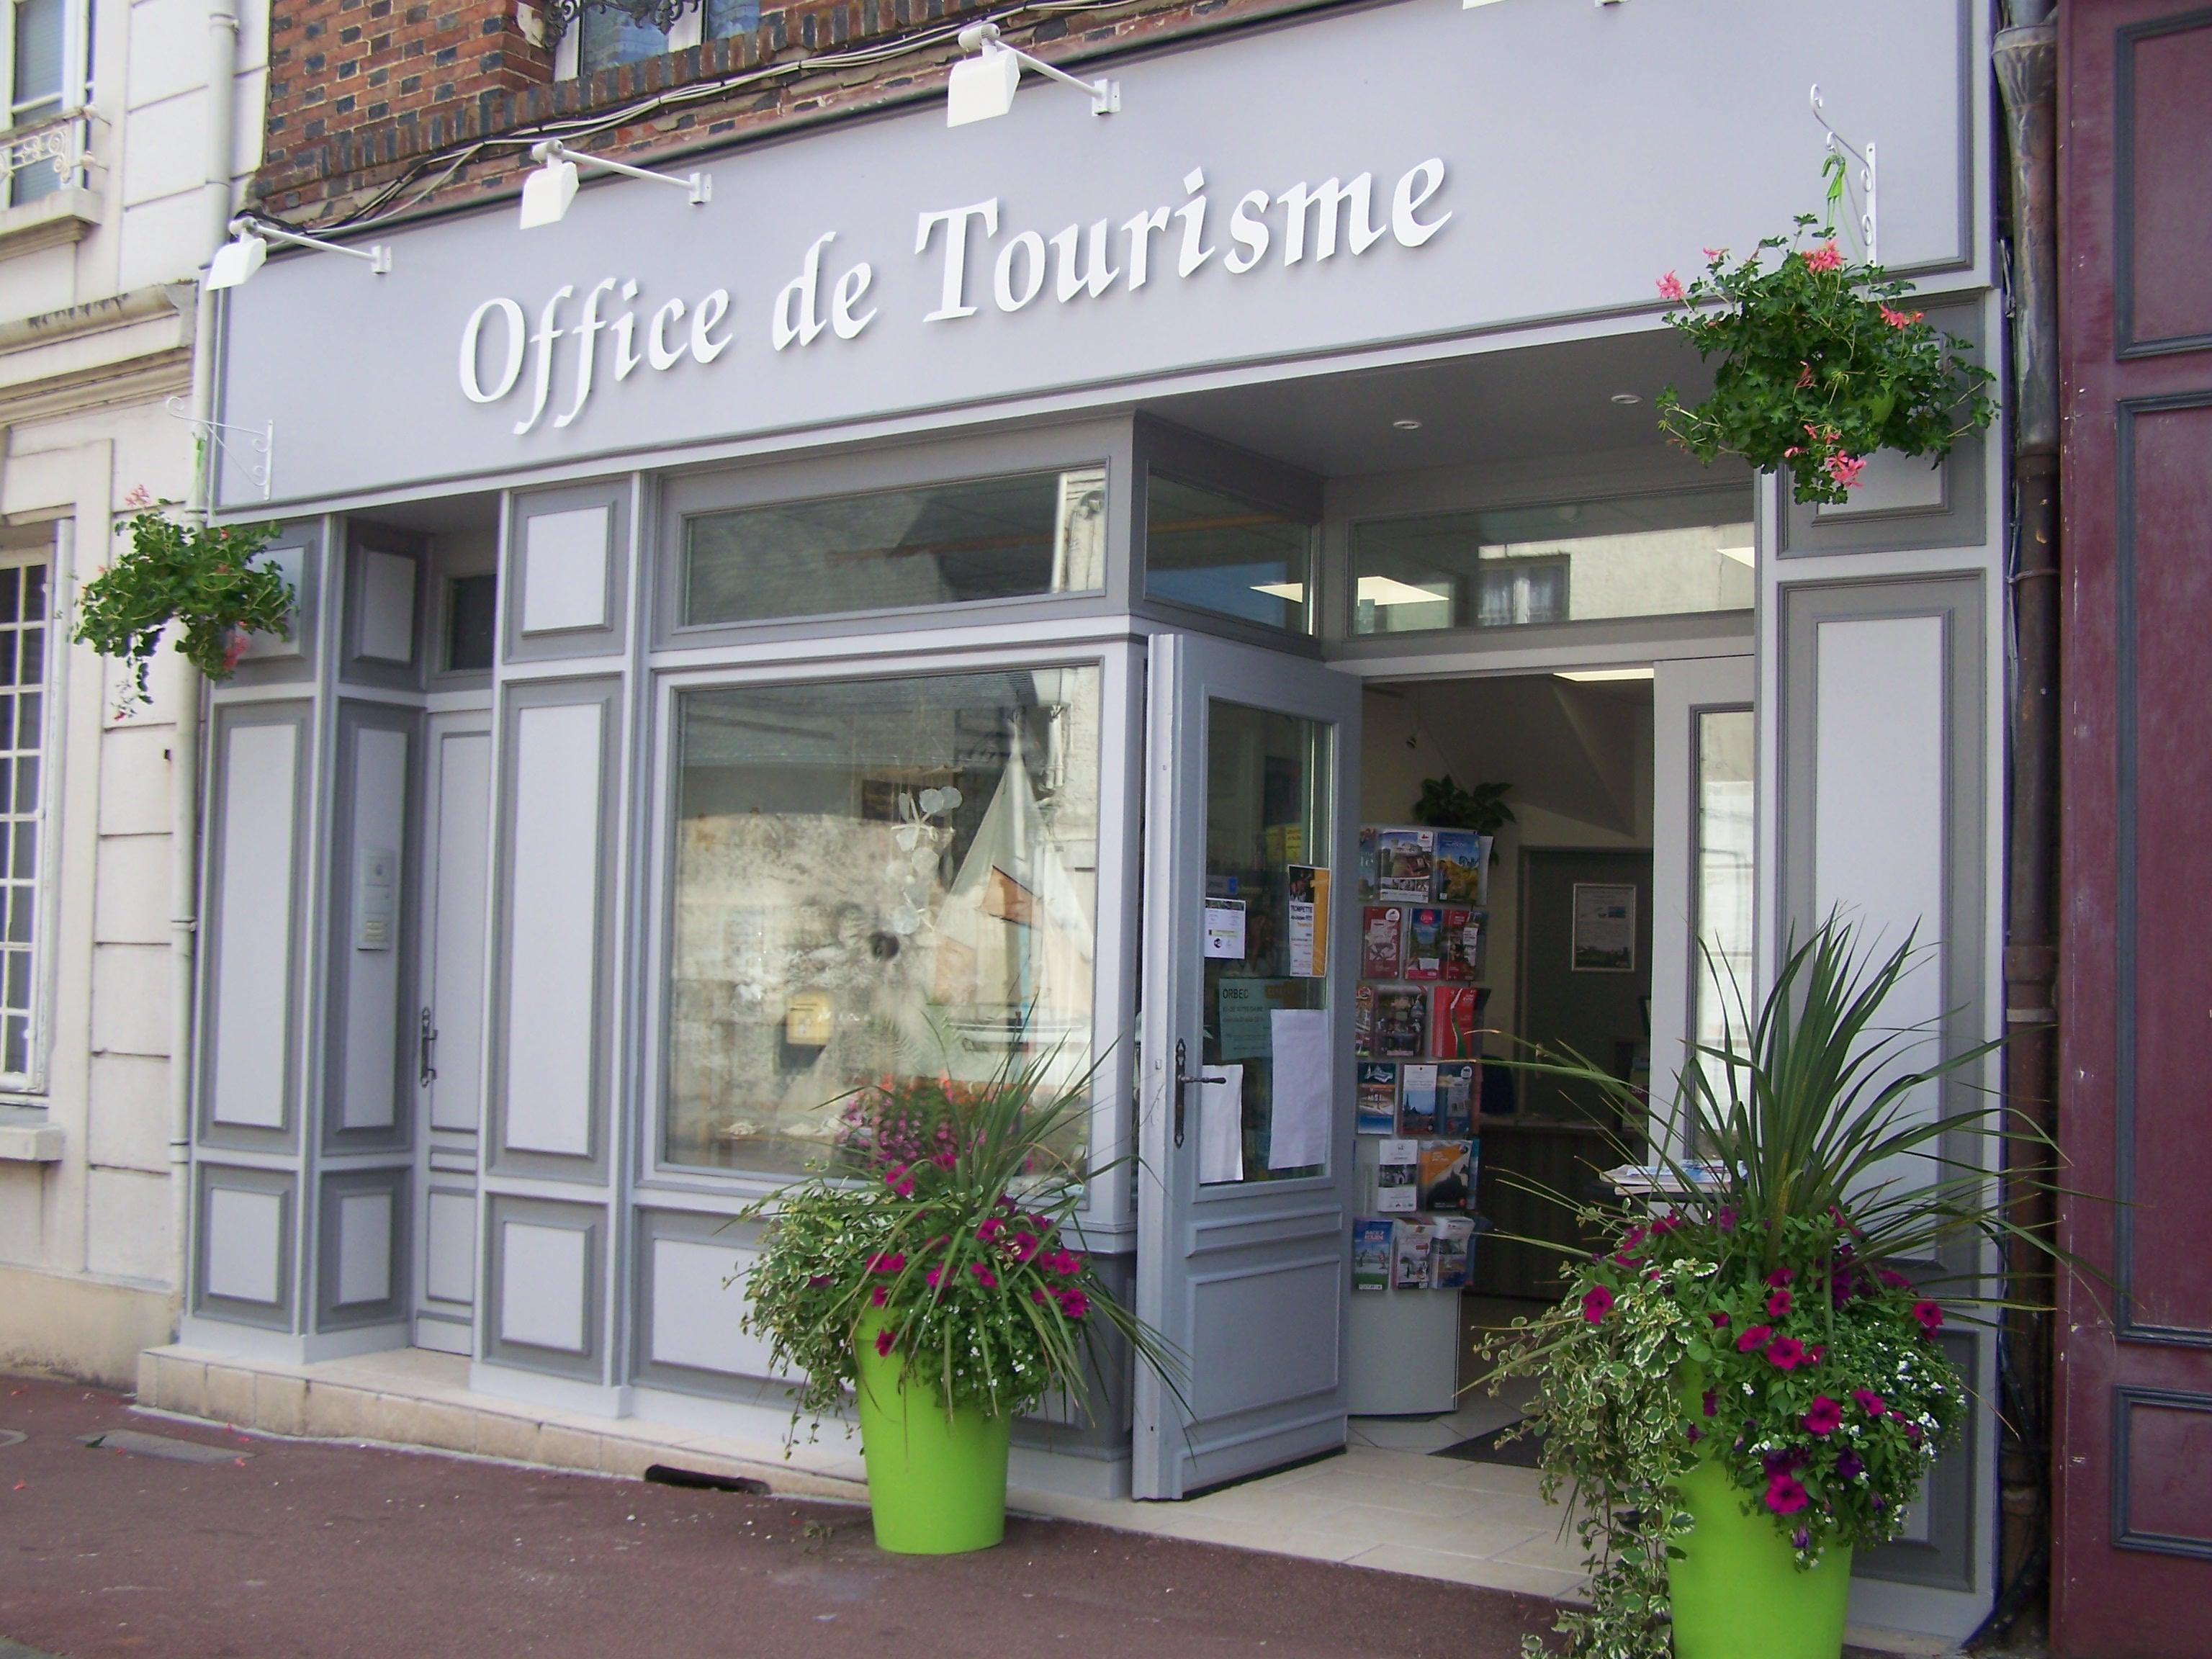 Tourisme - Office de tourisme saint pierre sur dives ...